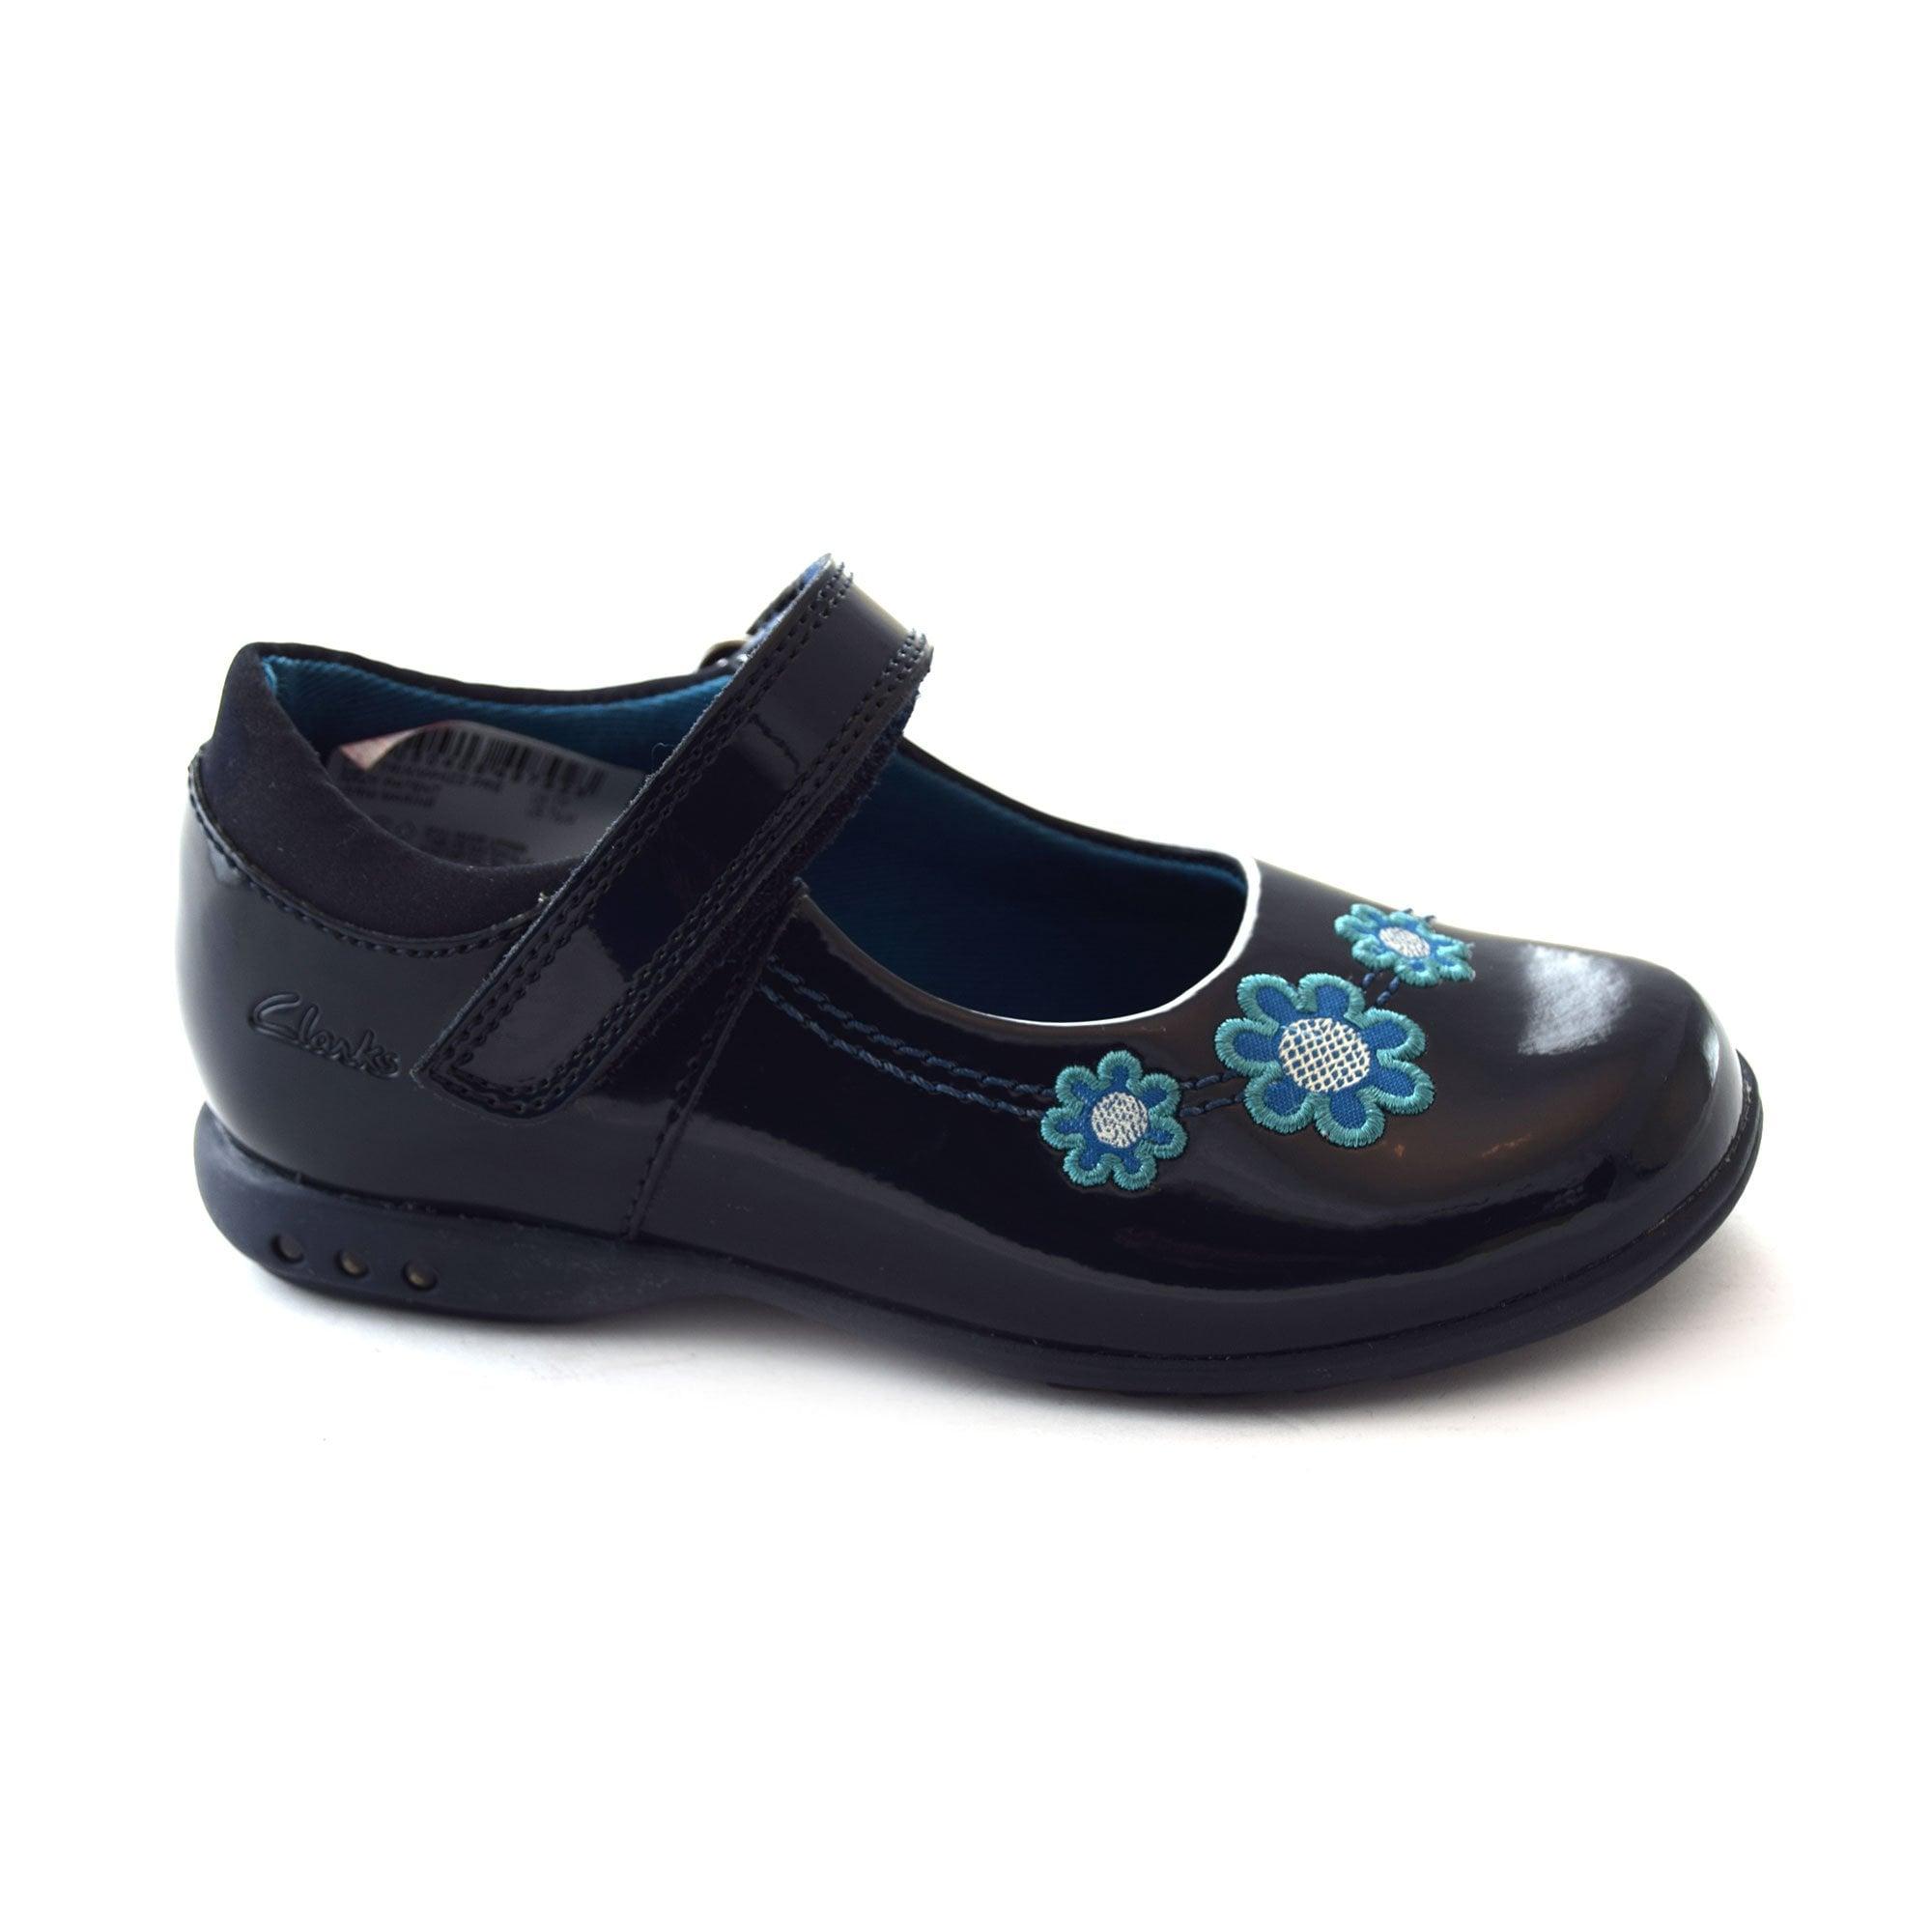 Clarks Girls Lilfolk Bel Inf Black Leather Smart School Shoes